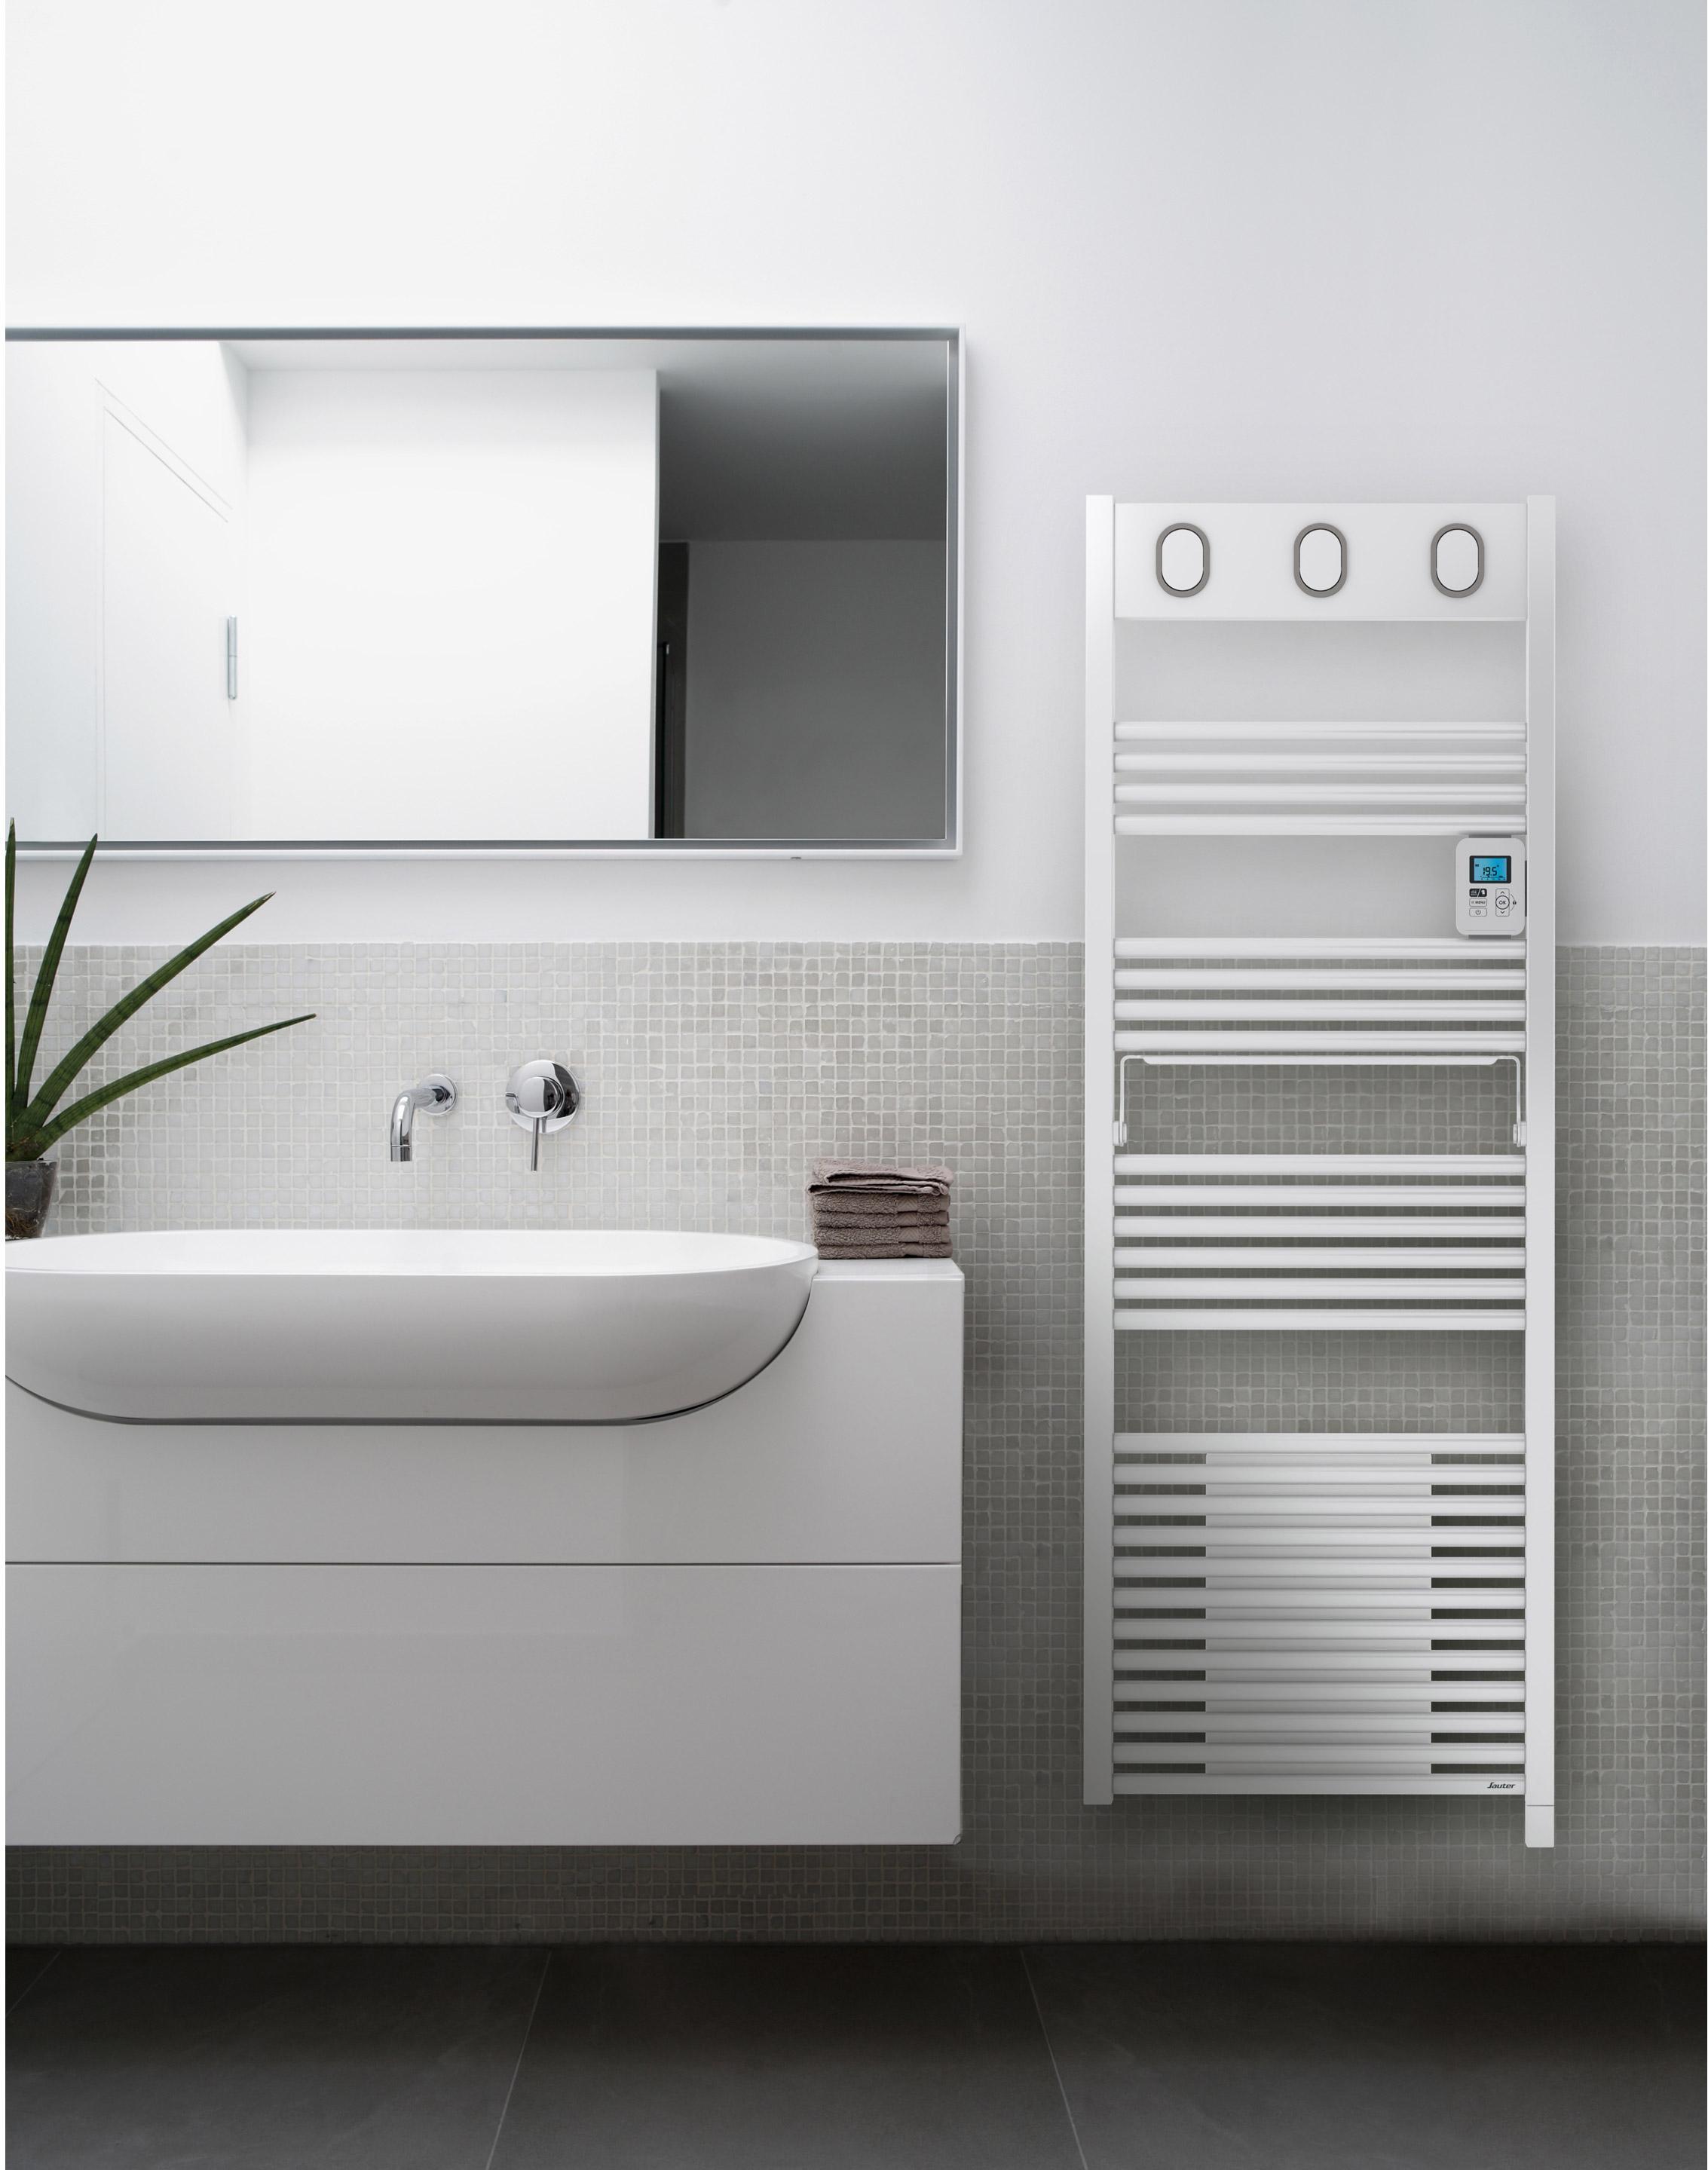 Sèche-serviettes électrique avec soufflerie SAUTER Marapi blanc 750 + 1000W